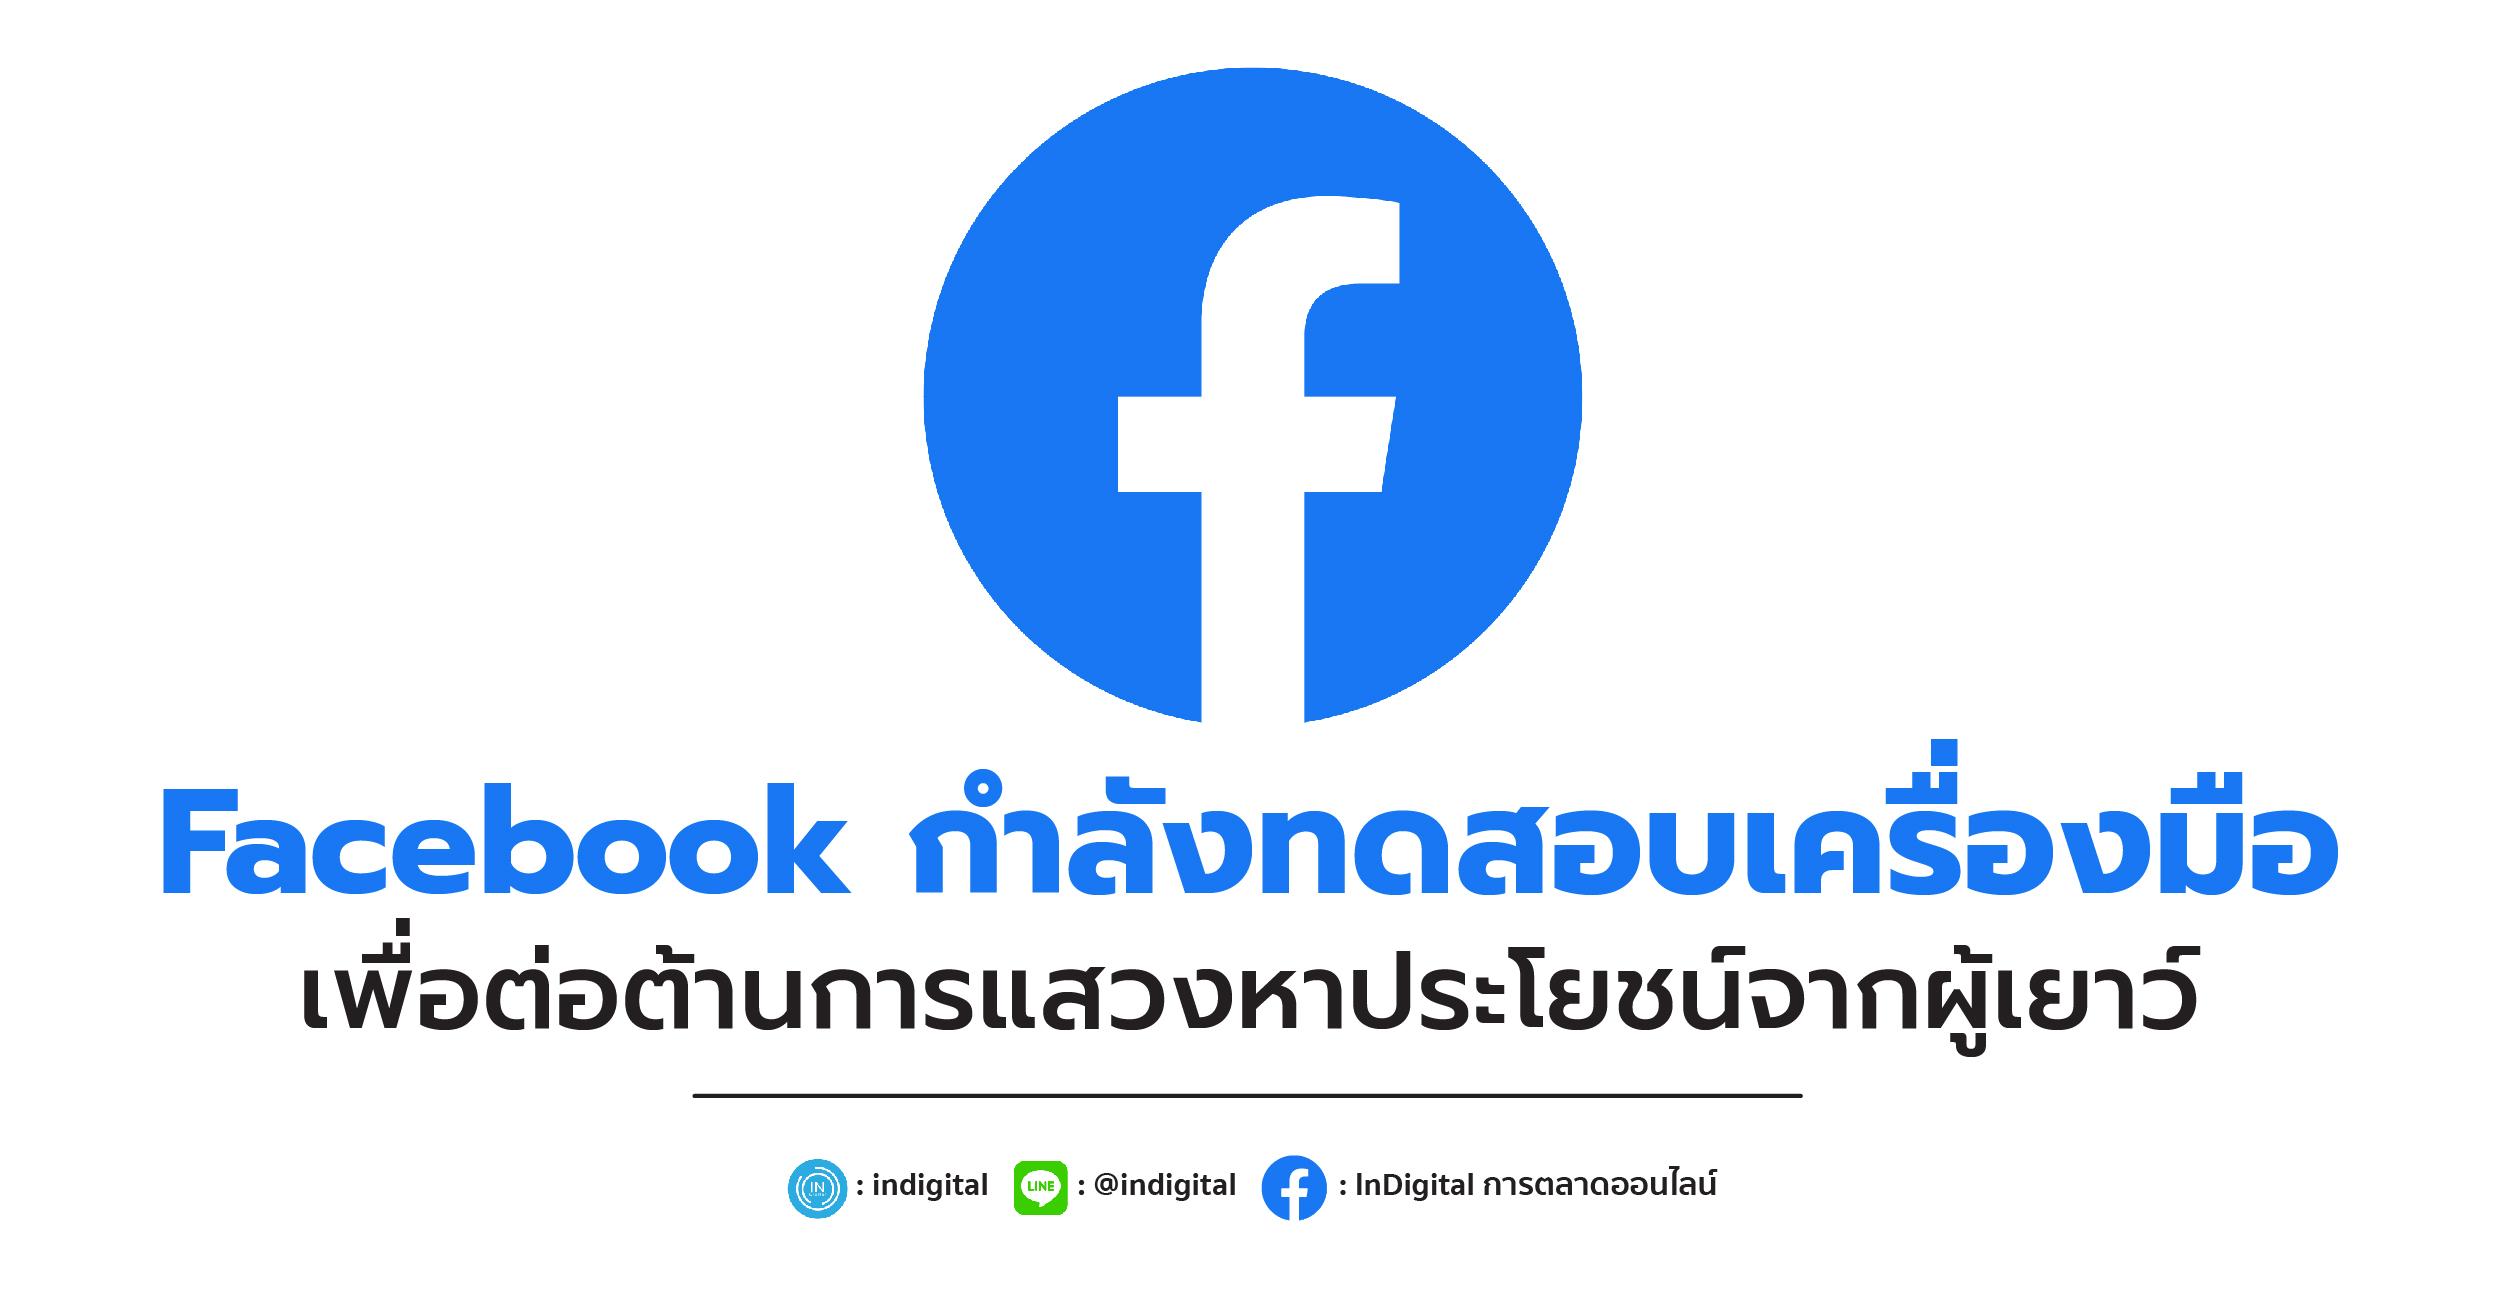 Facebook กำลังทดสอบเครื่องมือเพื่อต่อต้านการแสวงหาประโยชน์จากผู้เยาว์